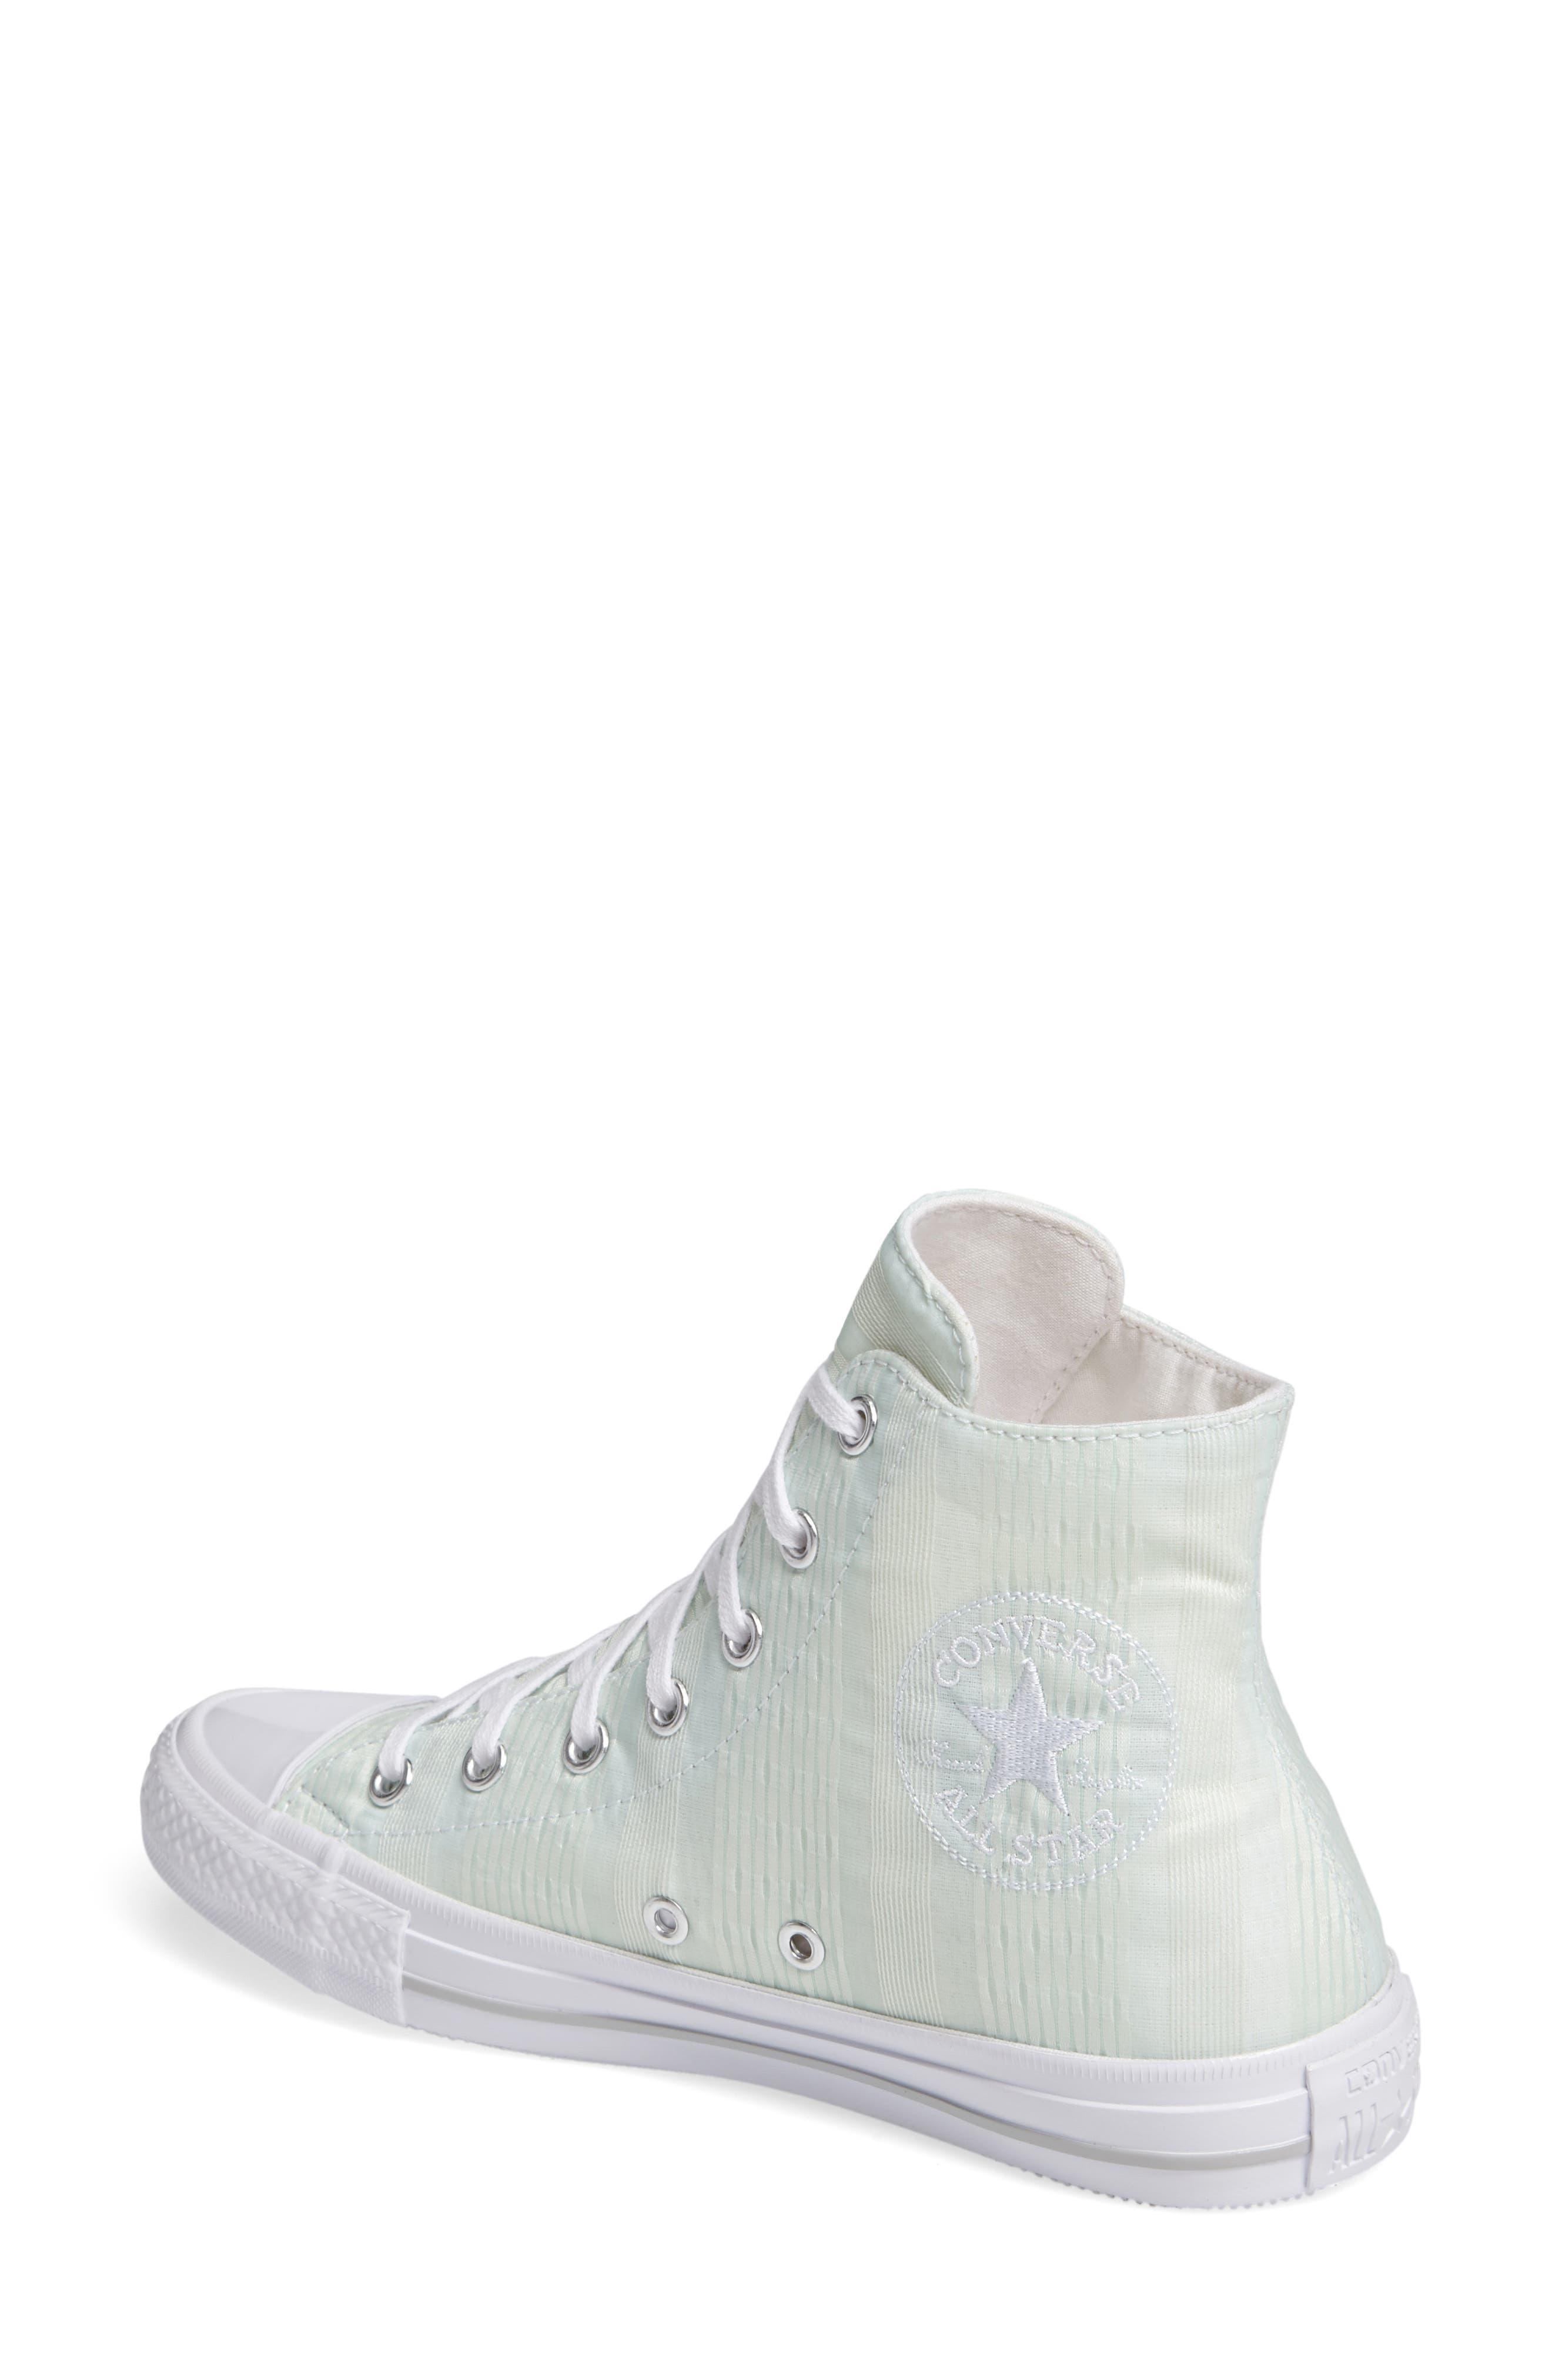 Alternate Image 2  - Converse Chuck Taylor® All Star® Gemma High Top Sneaker (Women)